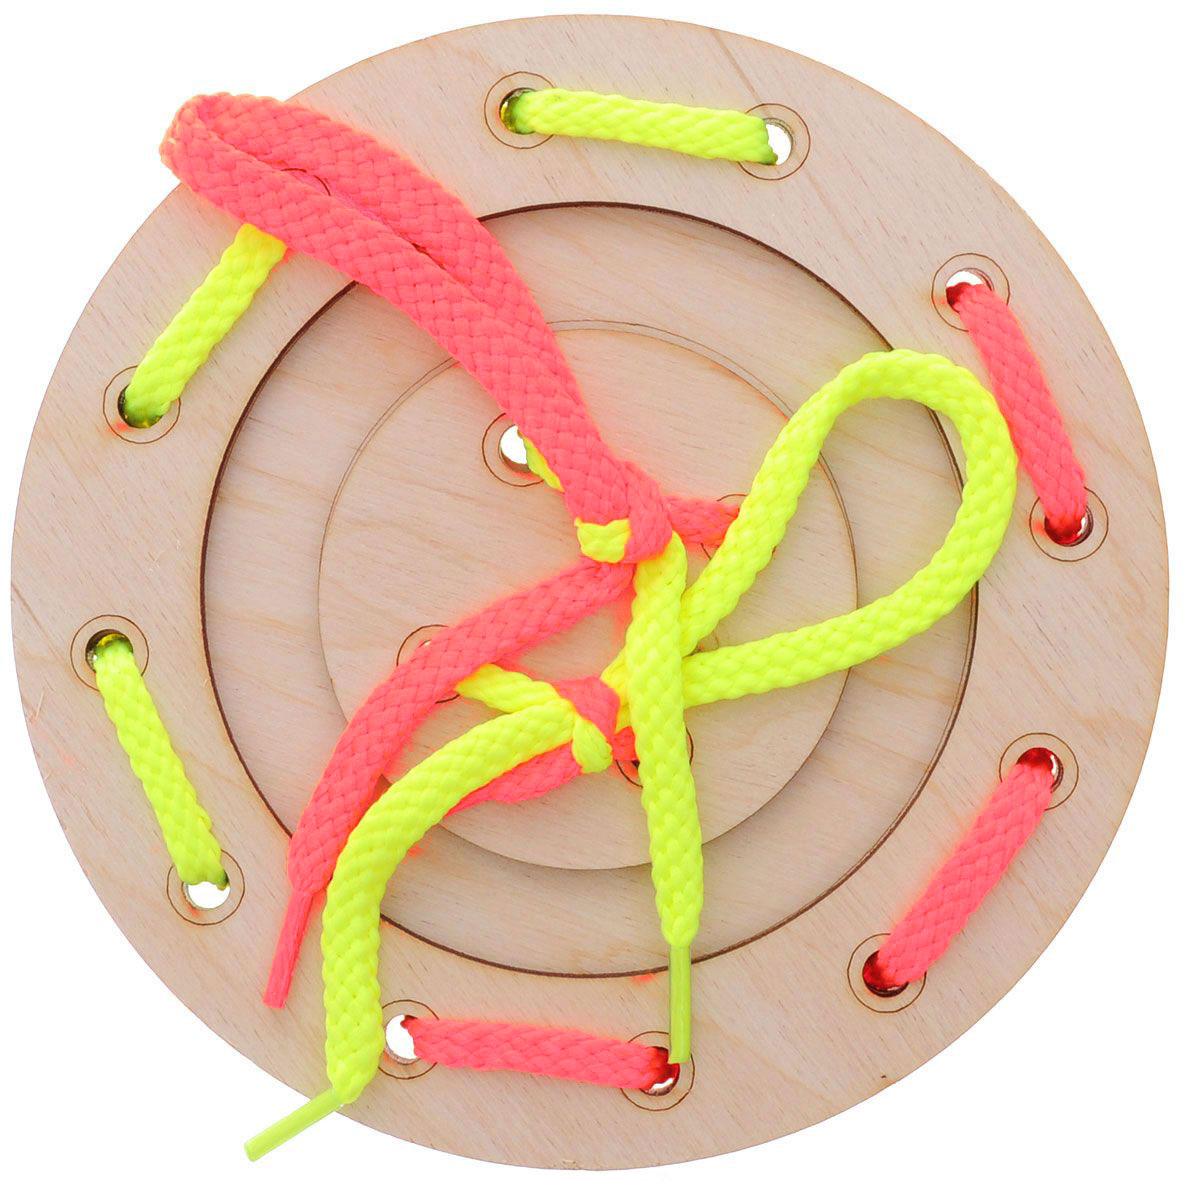 Мастер Вуд Игра-шнуровка Пуговичка цвет желтый розовыйДШ-1_желтый, розовыйИгра-шнуровка Пуговичка - яркая и несложная игрушка, которая очень понравится вашему малышу. Она выполнена из дерева лиственных пород в виде пуговки, состоящей из трех элементов. Задача малыша - продеть два шнурка разных цветов в отверстия основы, собрав пуговку. Игрушка-шнуровка развивает воображение, пространственное мышление, координацию движений, ловкость, положительно влияет на эмоциональное состояние ребенка и его настроение.